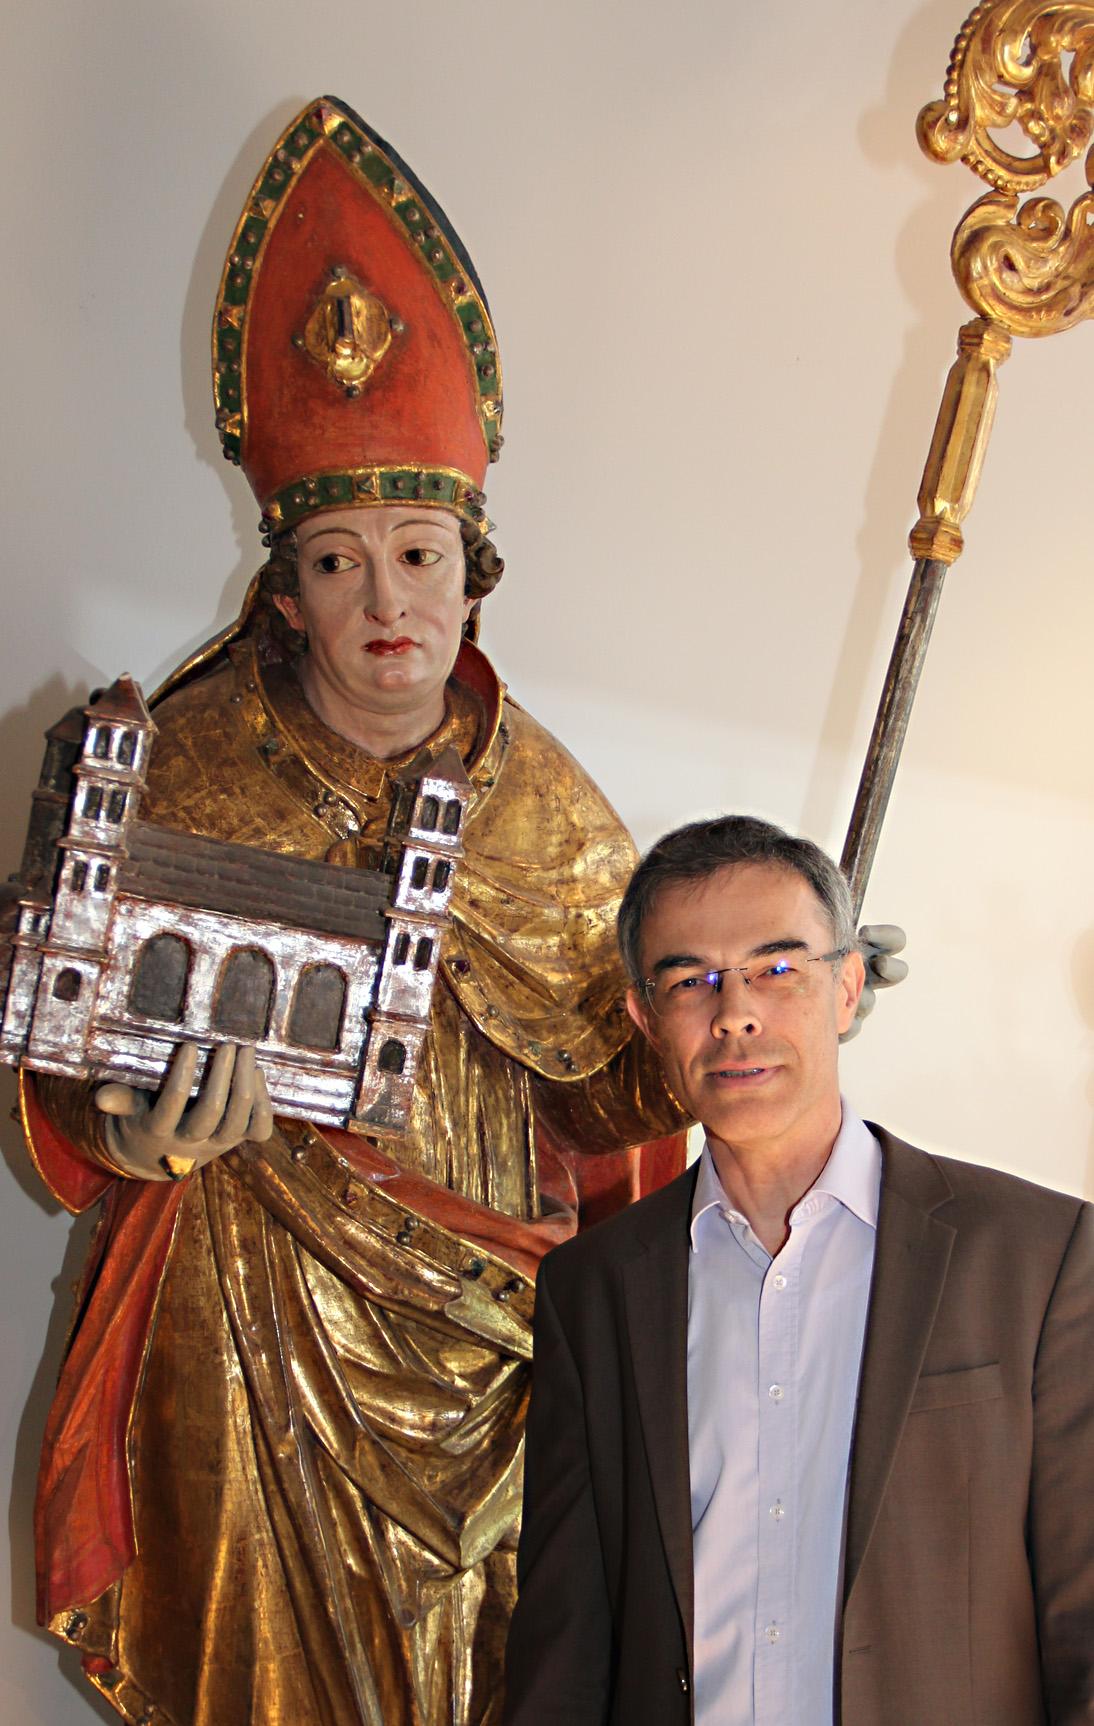 Veranstaltung Reinhard Gratz ist neuer Direktor des Dommuseums im DomQuartier Salzburg